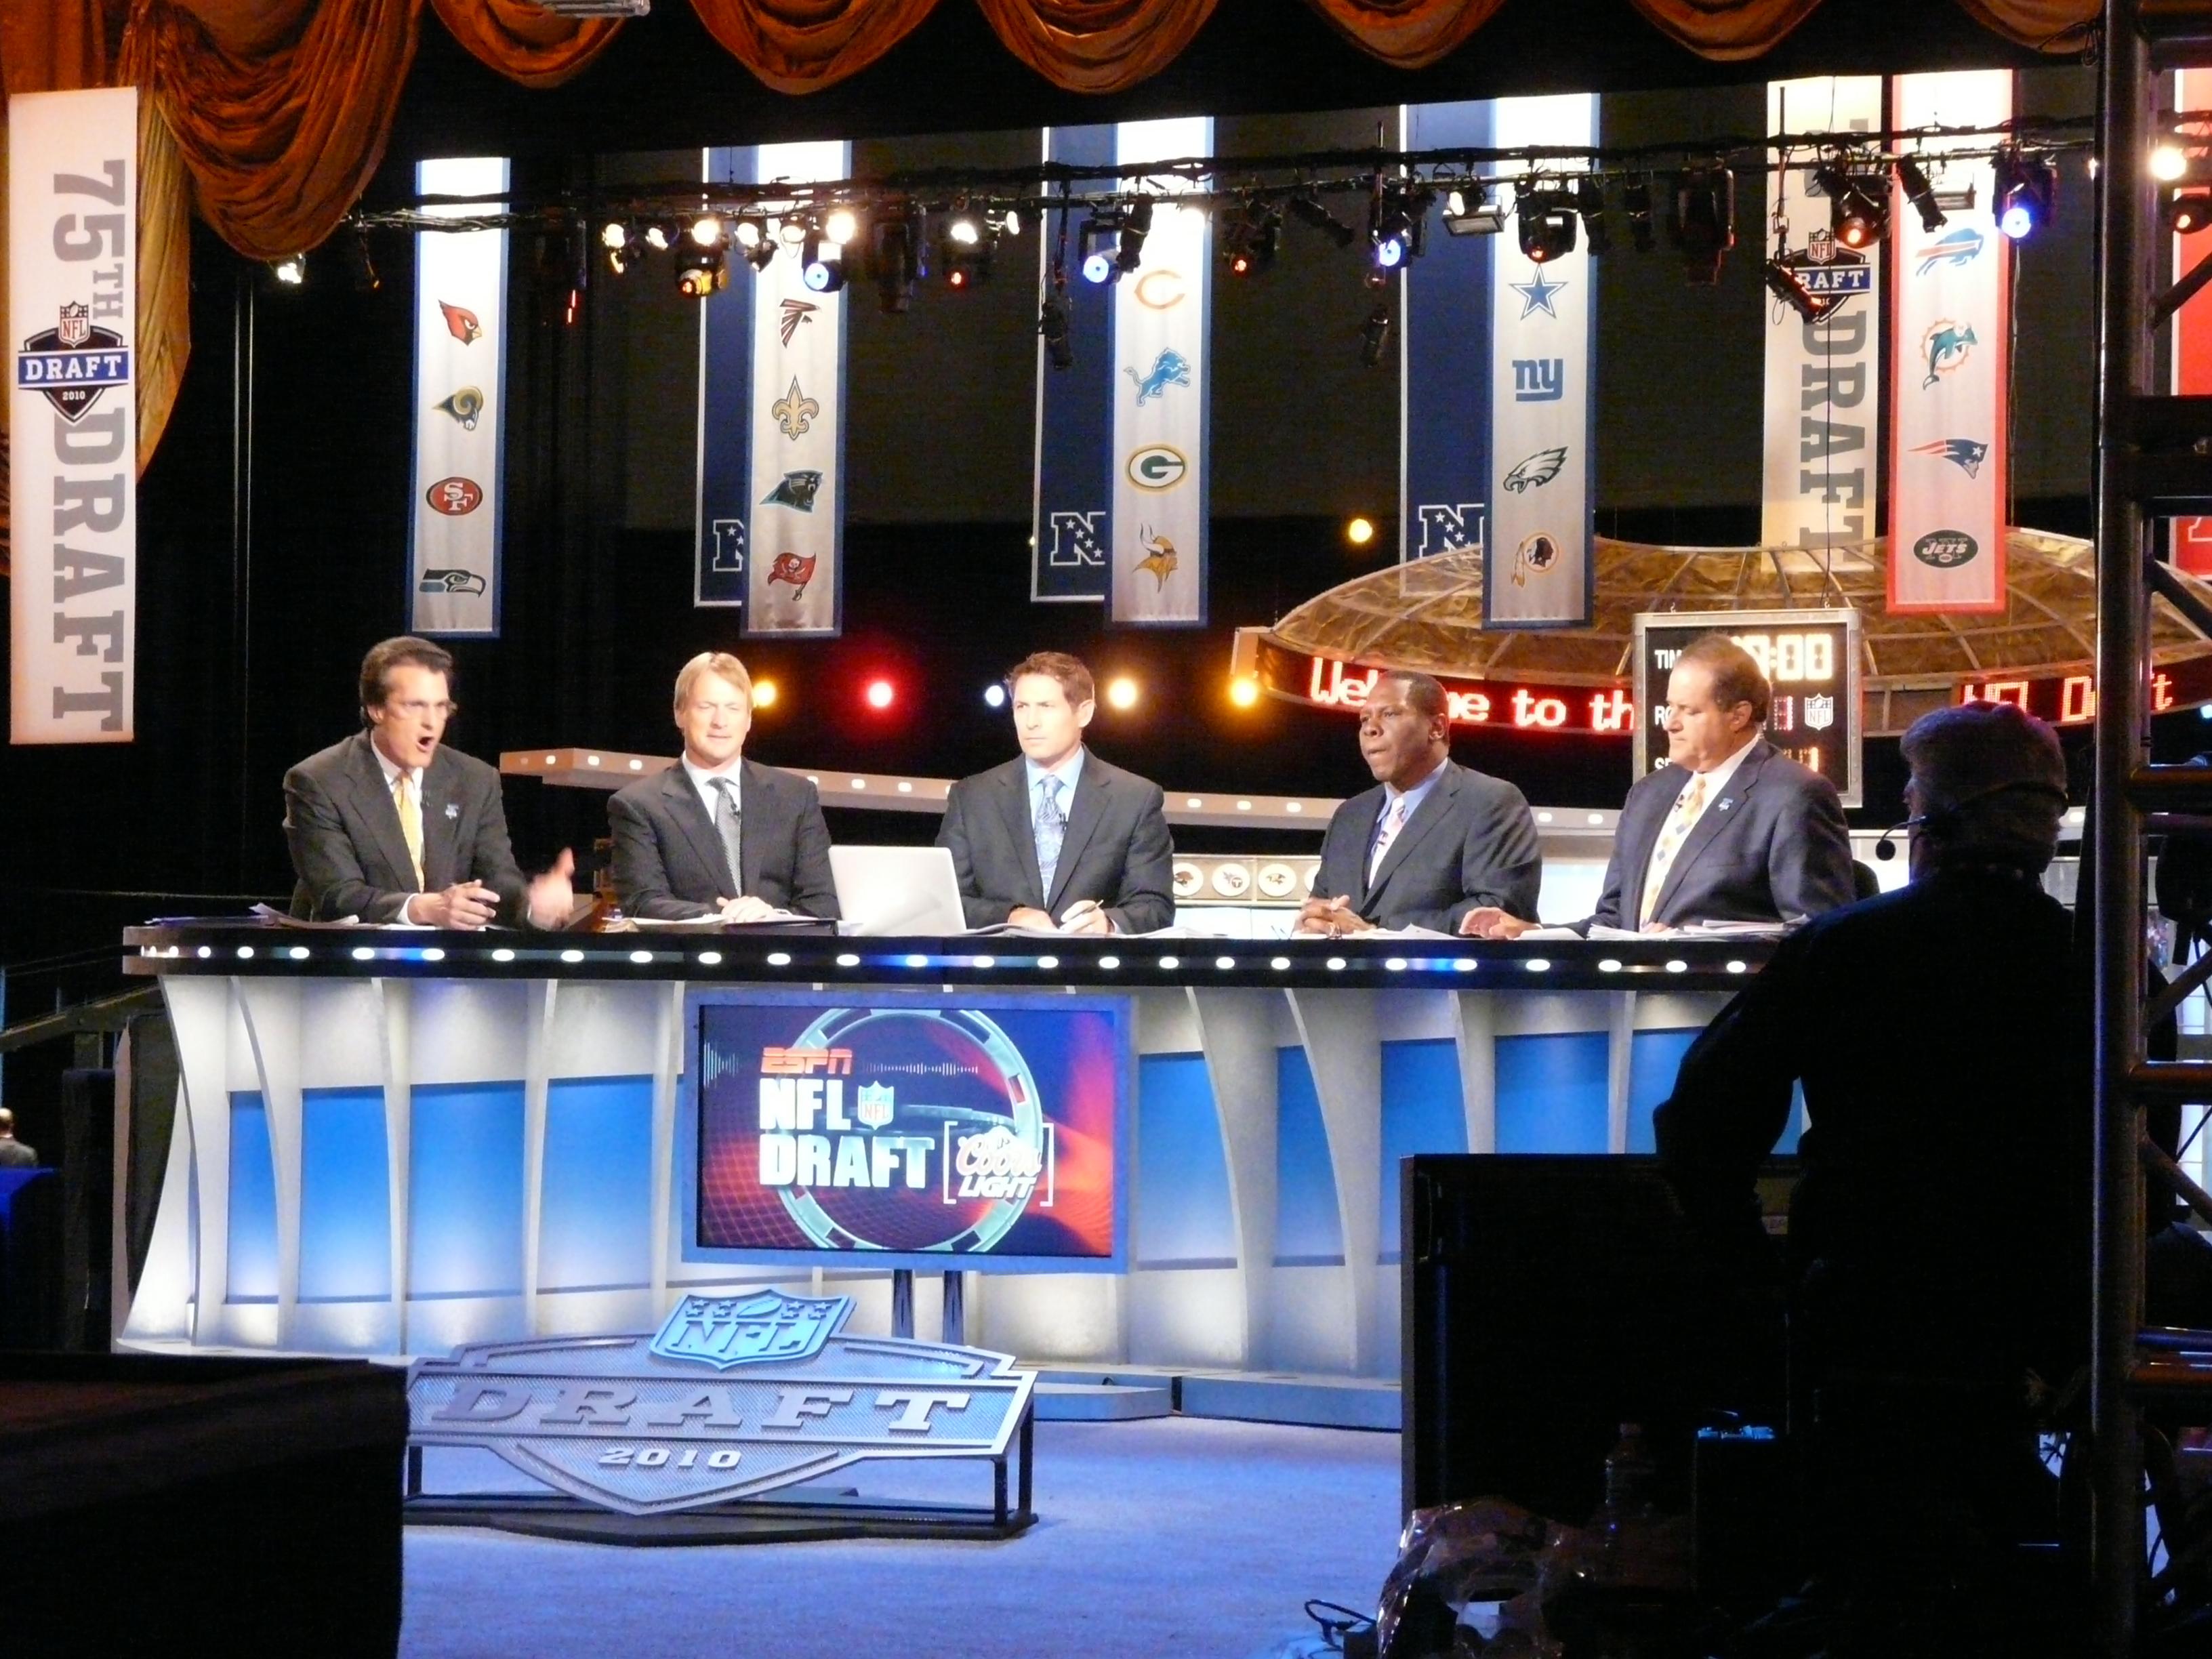 NFL_Draft_2010_ESPN_set.jpg